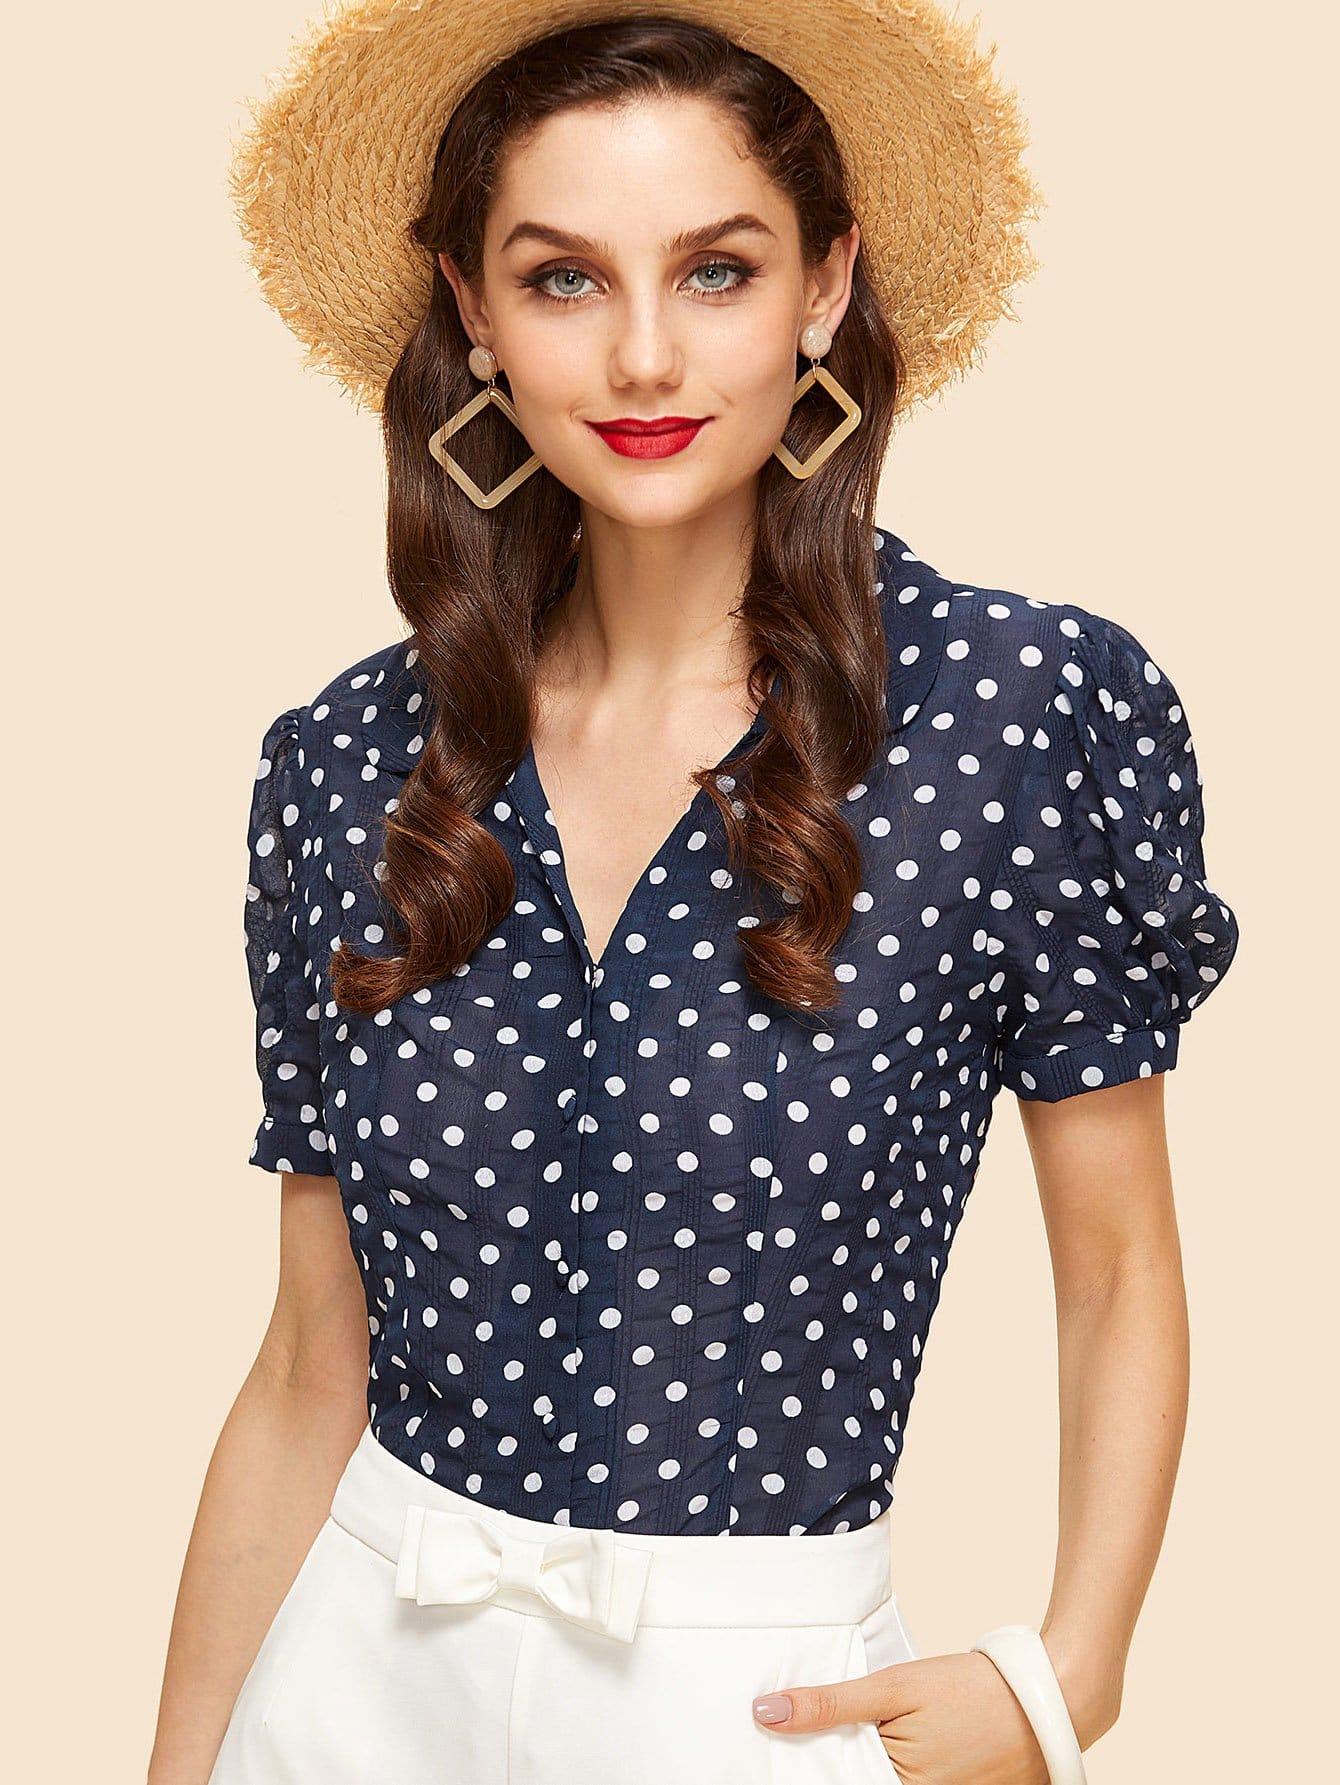 Купить Блузка в горошек с широкими рукавами, Julie H., SheIn